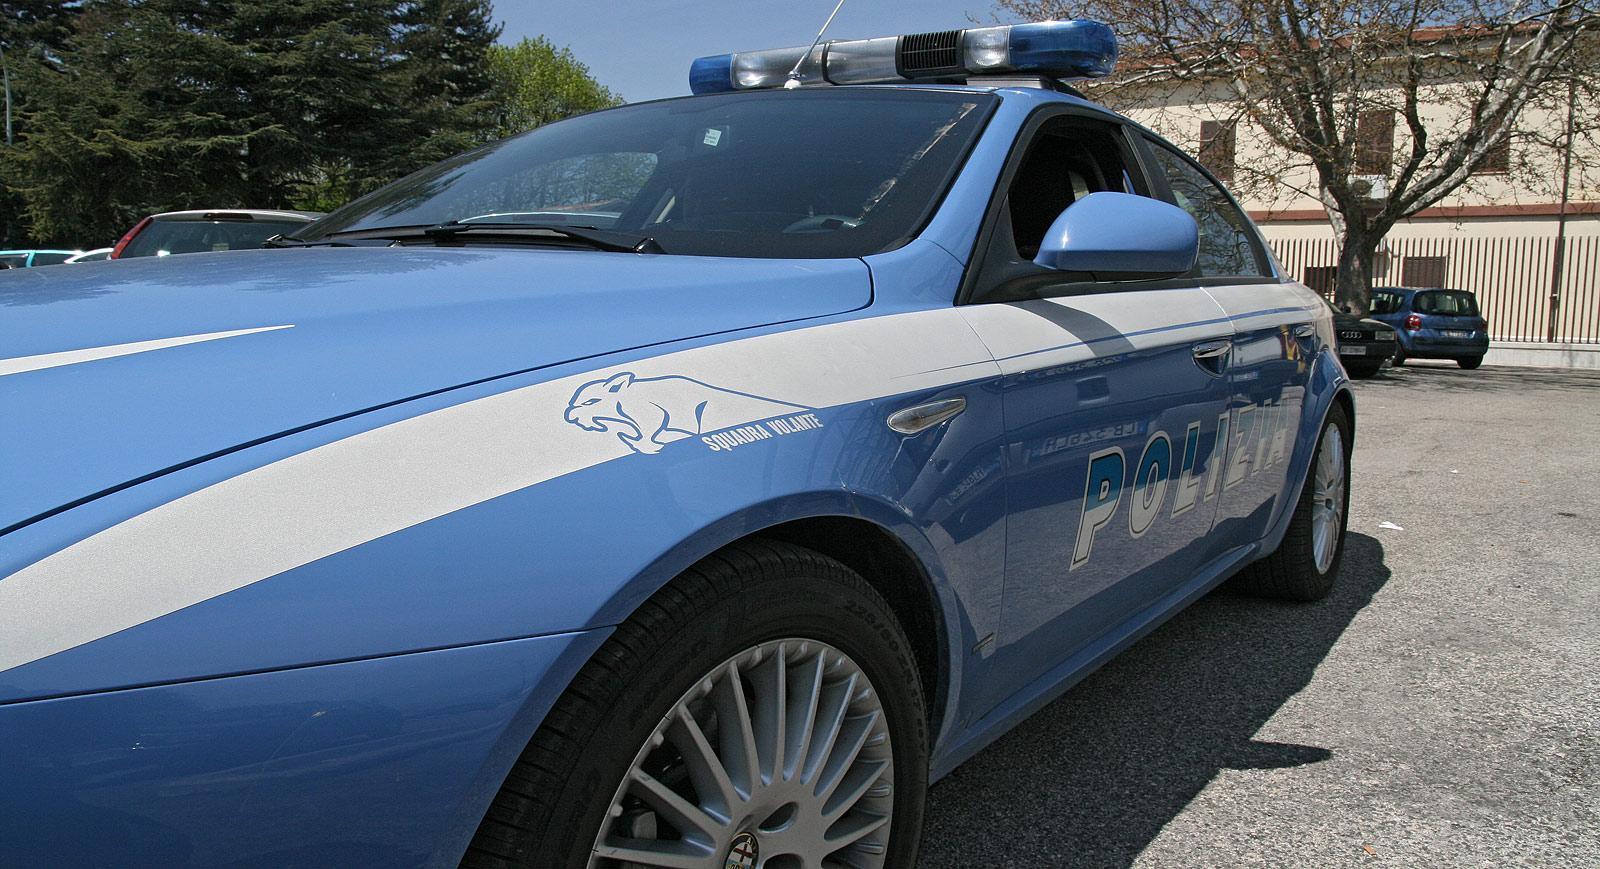 Resistenza e violenza contro i poliziotti, arrestato un uomo irregolare in Italia e con precedenti